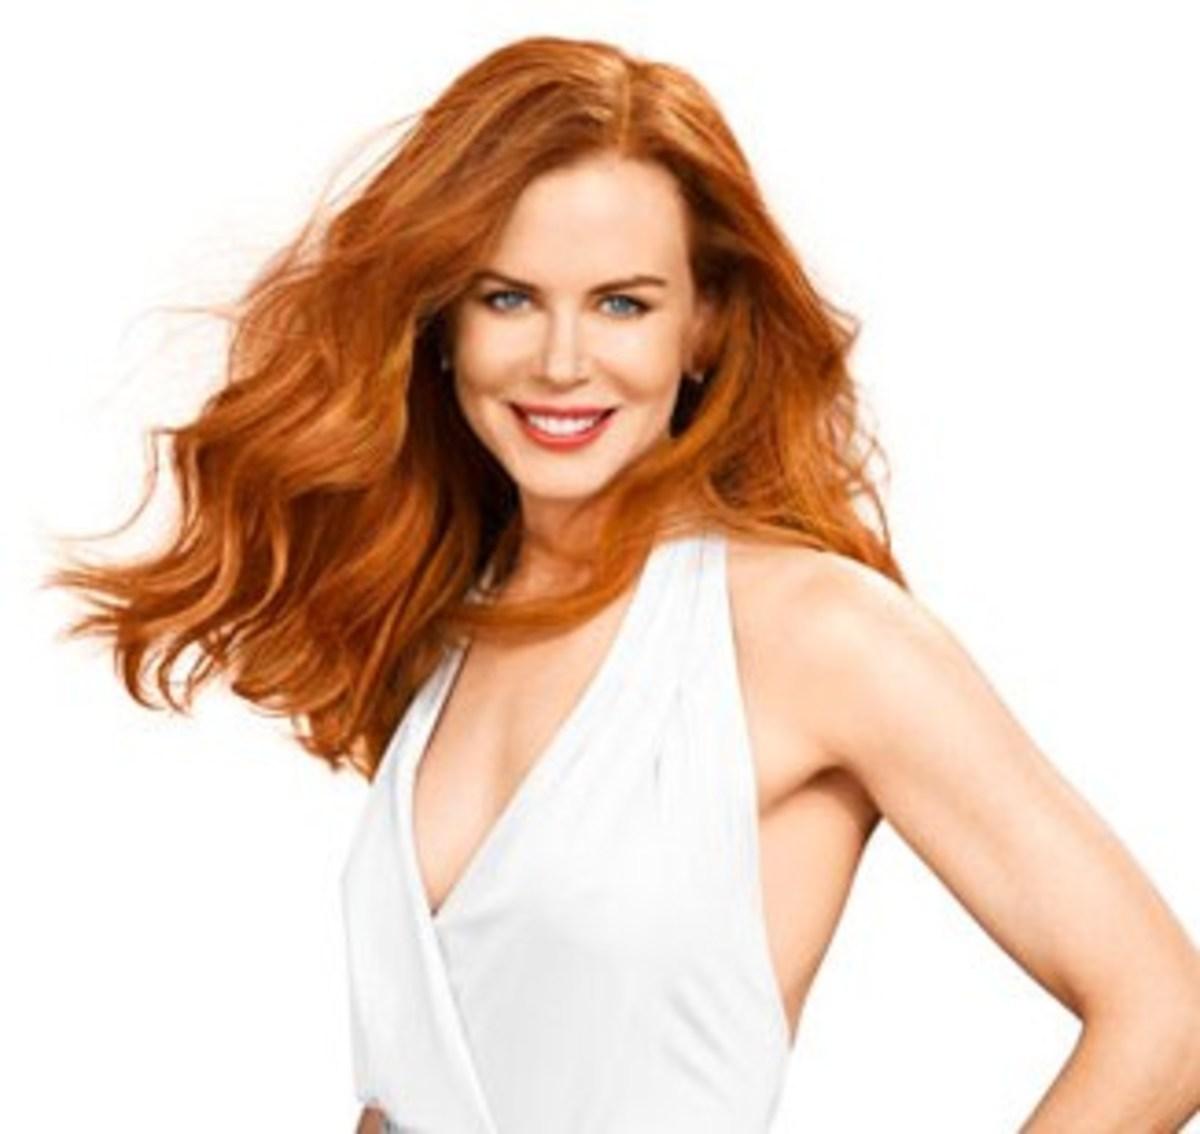 Nicole Kidman with auburn hair